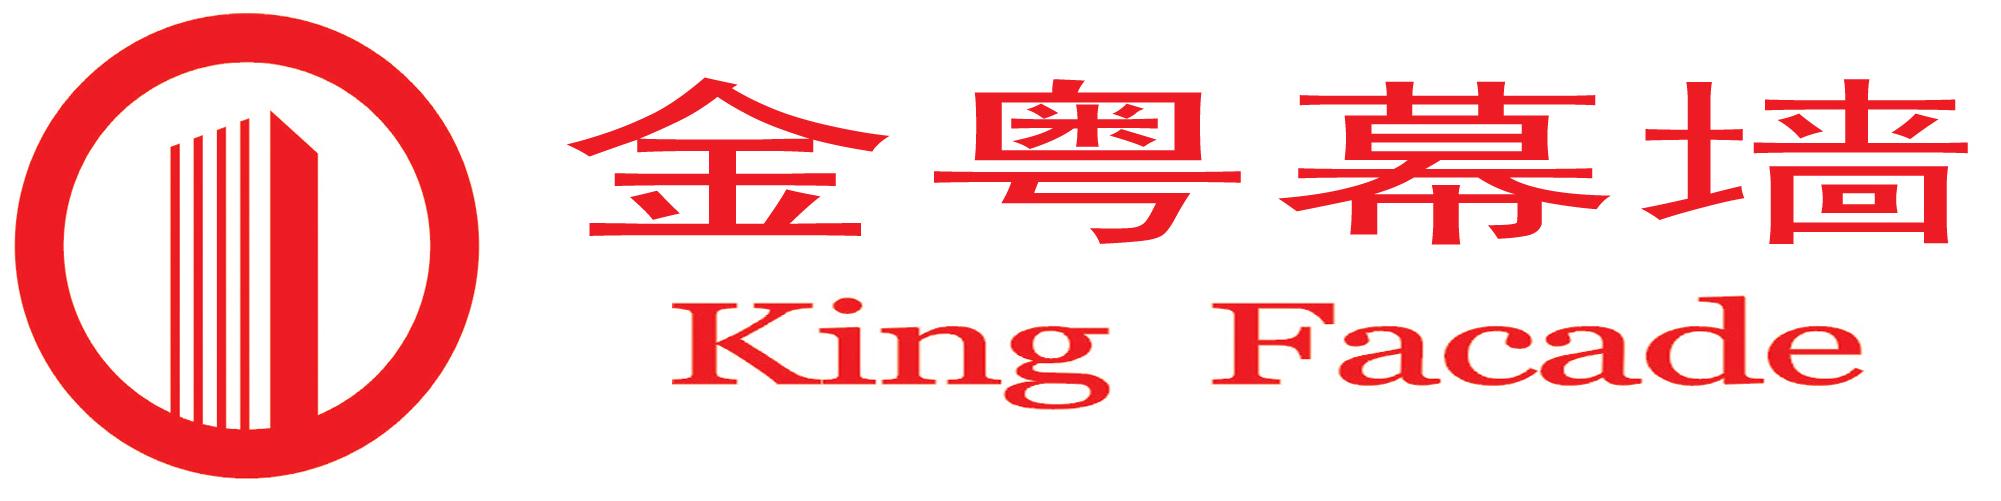 深圳金粤幕墙装饰工程有限公司云南分公司_昆明招聘网